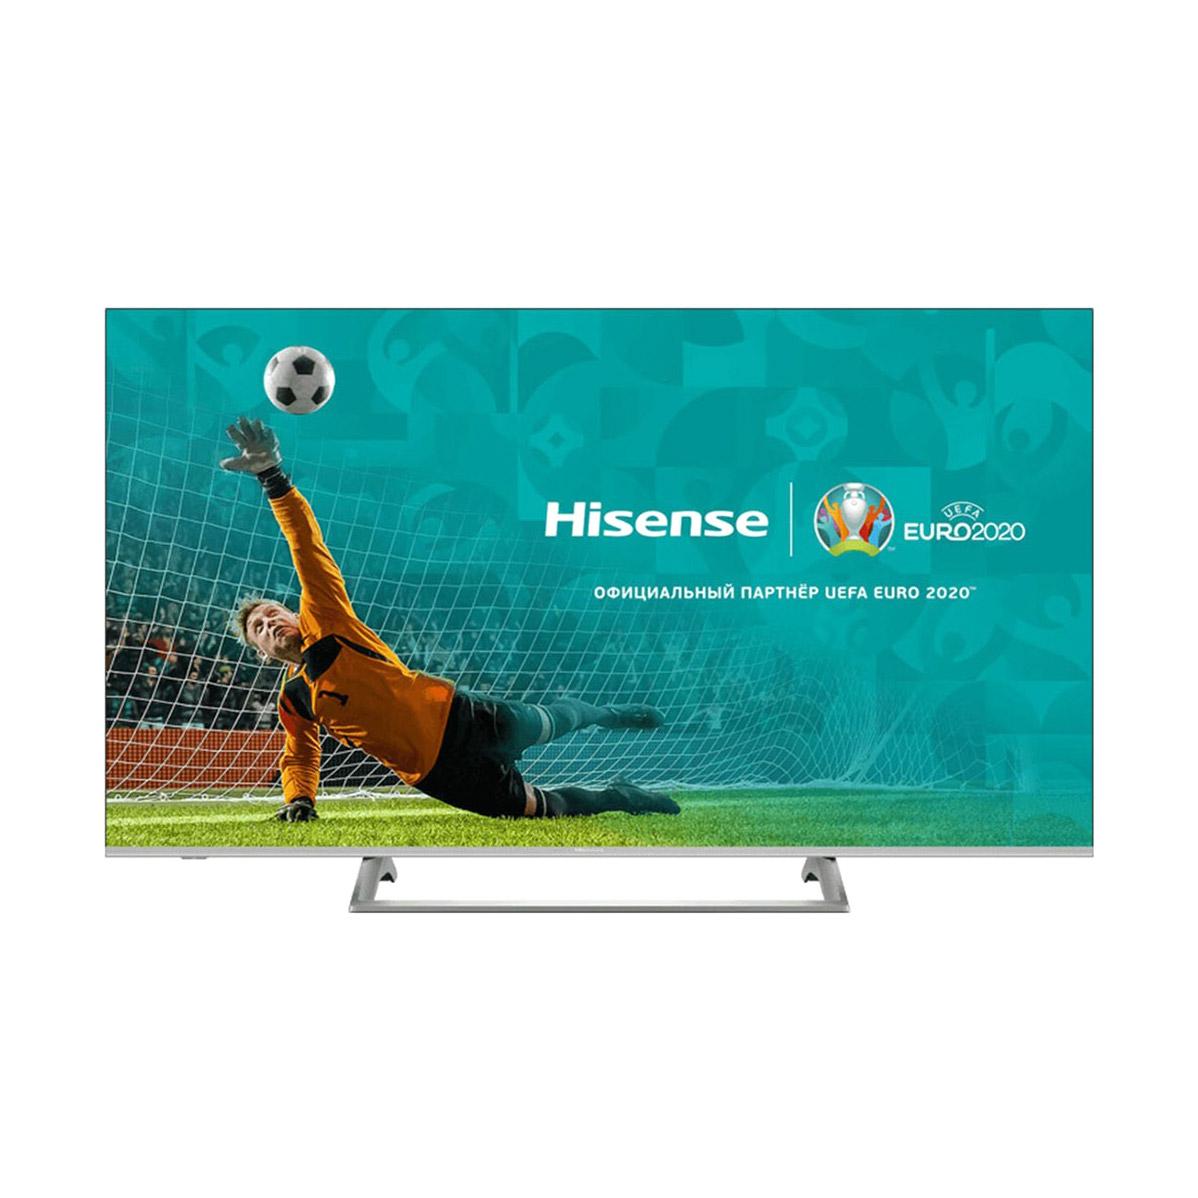 Фото - Телевизор Hisense 65 H65B7500 телевизор hisense 50a7300f 50 2020 черный